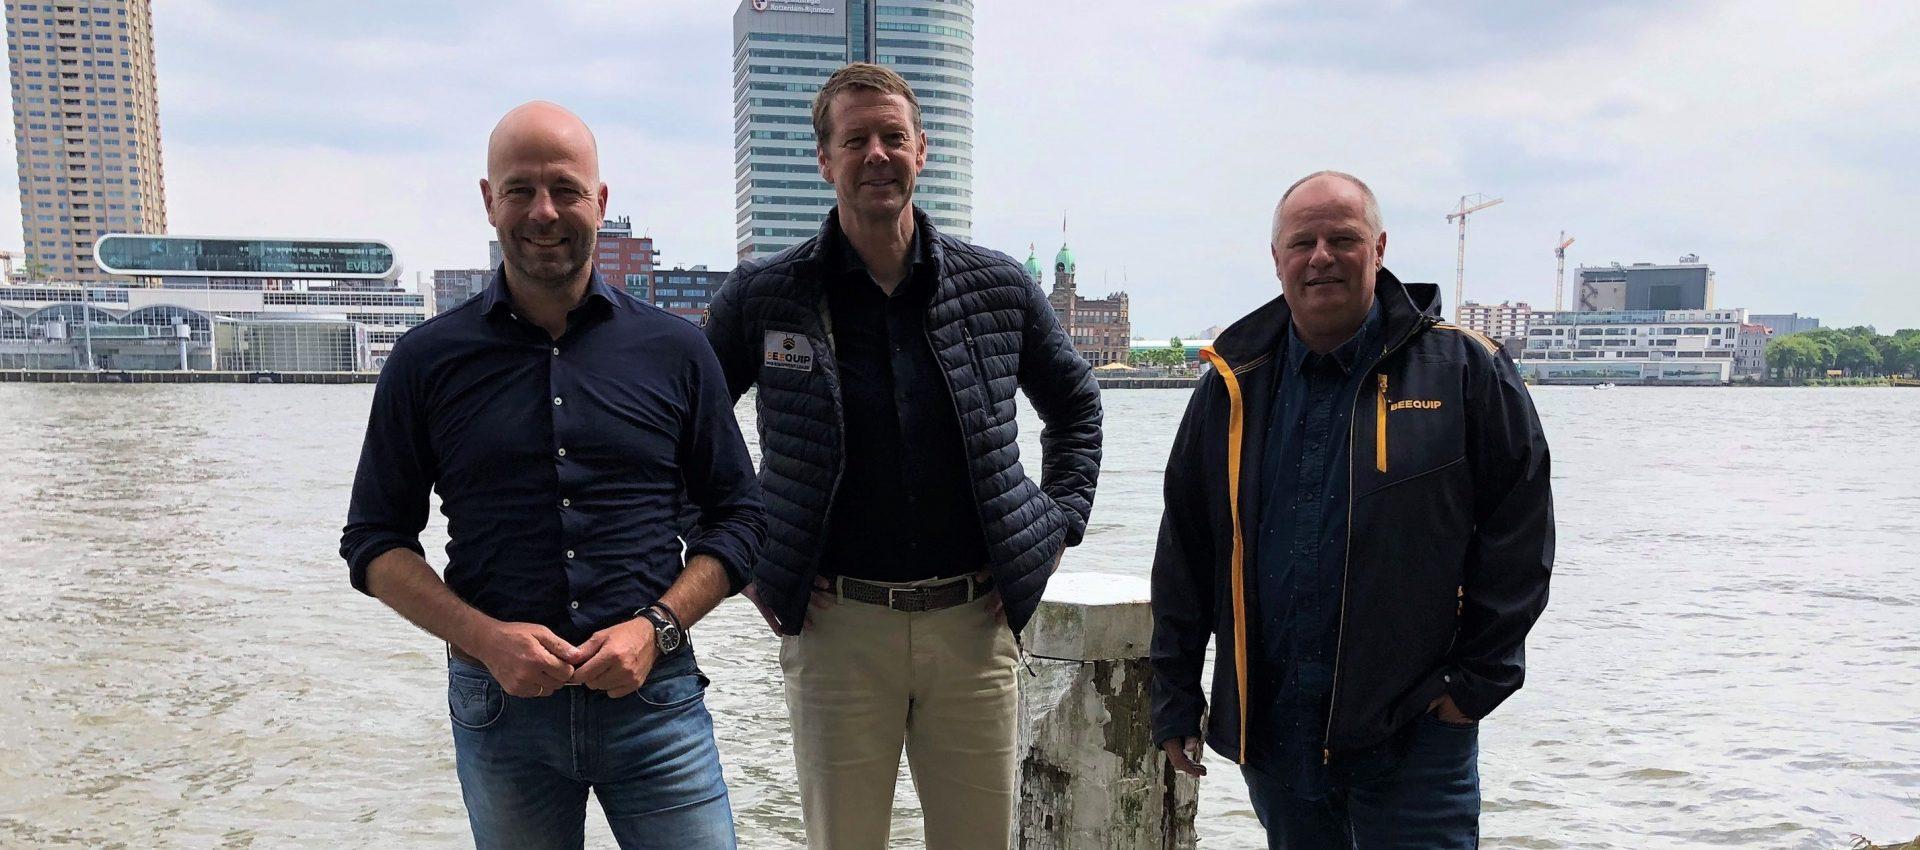 Beequip gaat de grens over, met mede-oprichters Peter Loef (links) en Giel Claes (midden). (Foto Beequip)